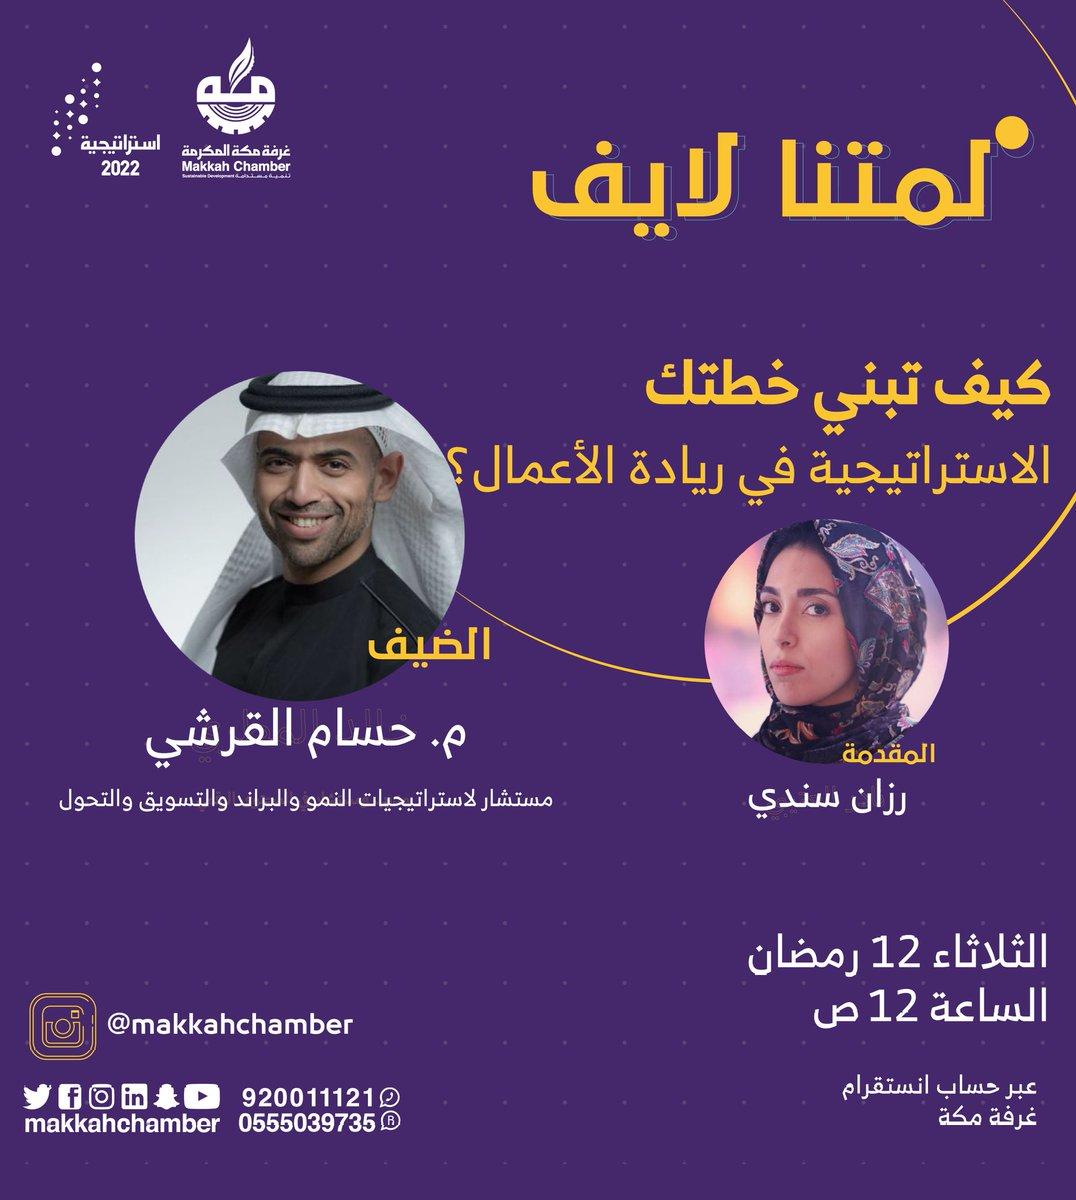 """#غرفة_مكة المكرمة تدعوكم لحضور اللقاء الثاني لبرنامج #لمتنا_لايف بعنوان """" كيف تبني خطتك الاستراتيجية في ريادة الأعمال """" عبر لايف الانستقرام @MakkahChamber  ضيف اللقاء: م. حسام القرشي @alhosam 🗓️ الثلاثاء 12 #رمضان  🕘 12 صباحًا https://t.co/hVHn65rpxl"""